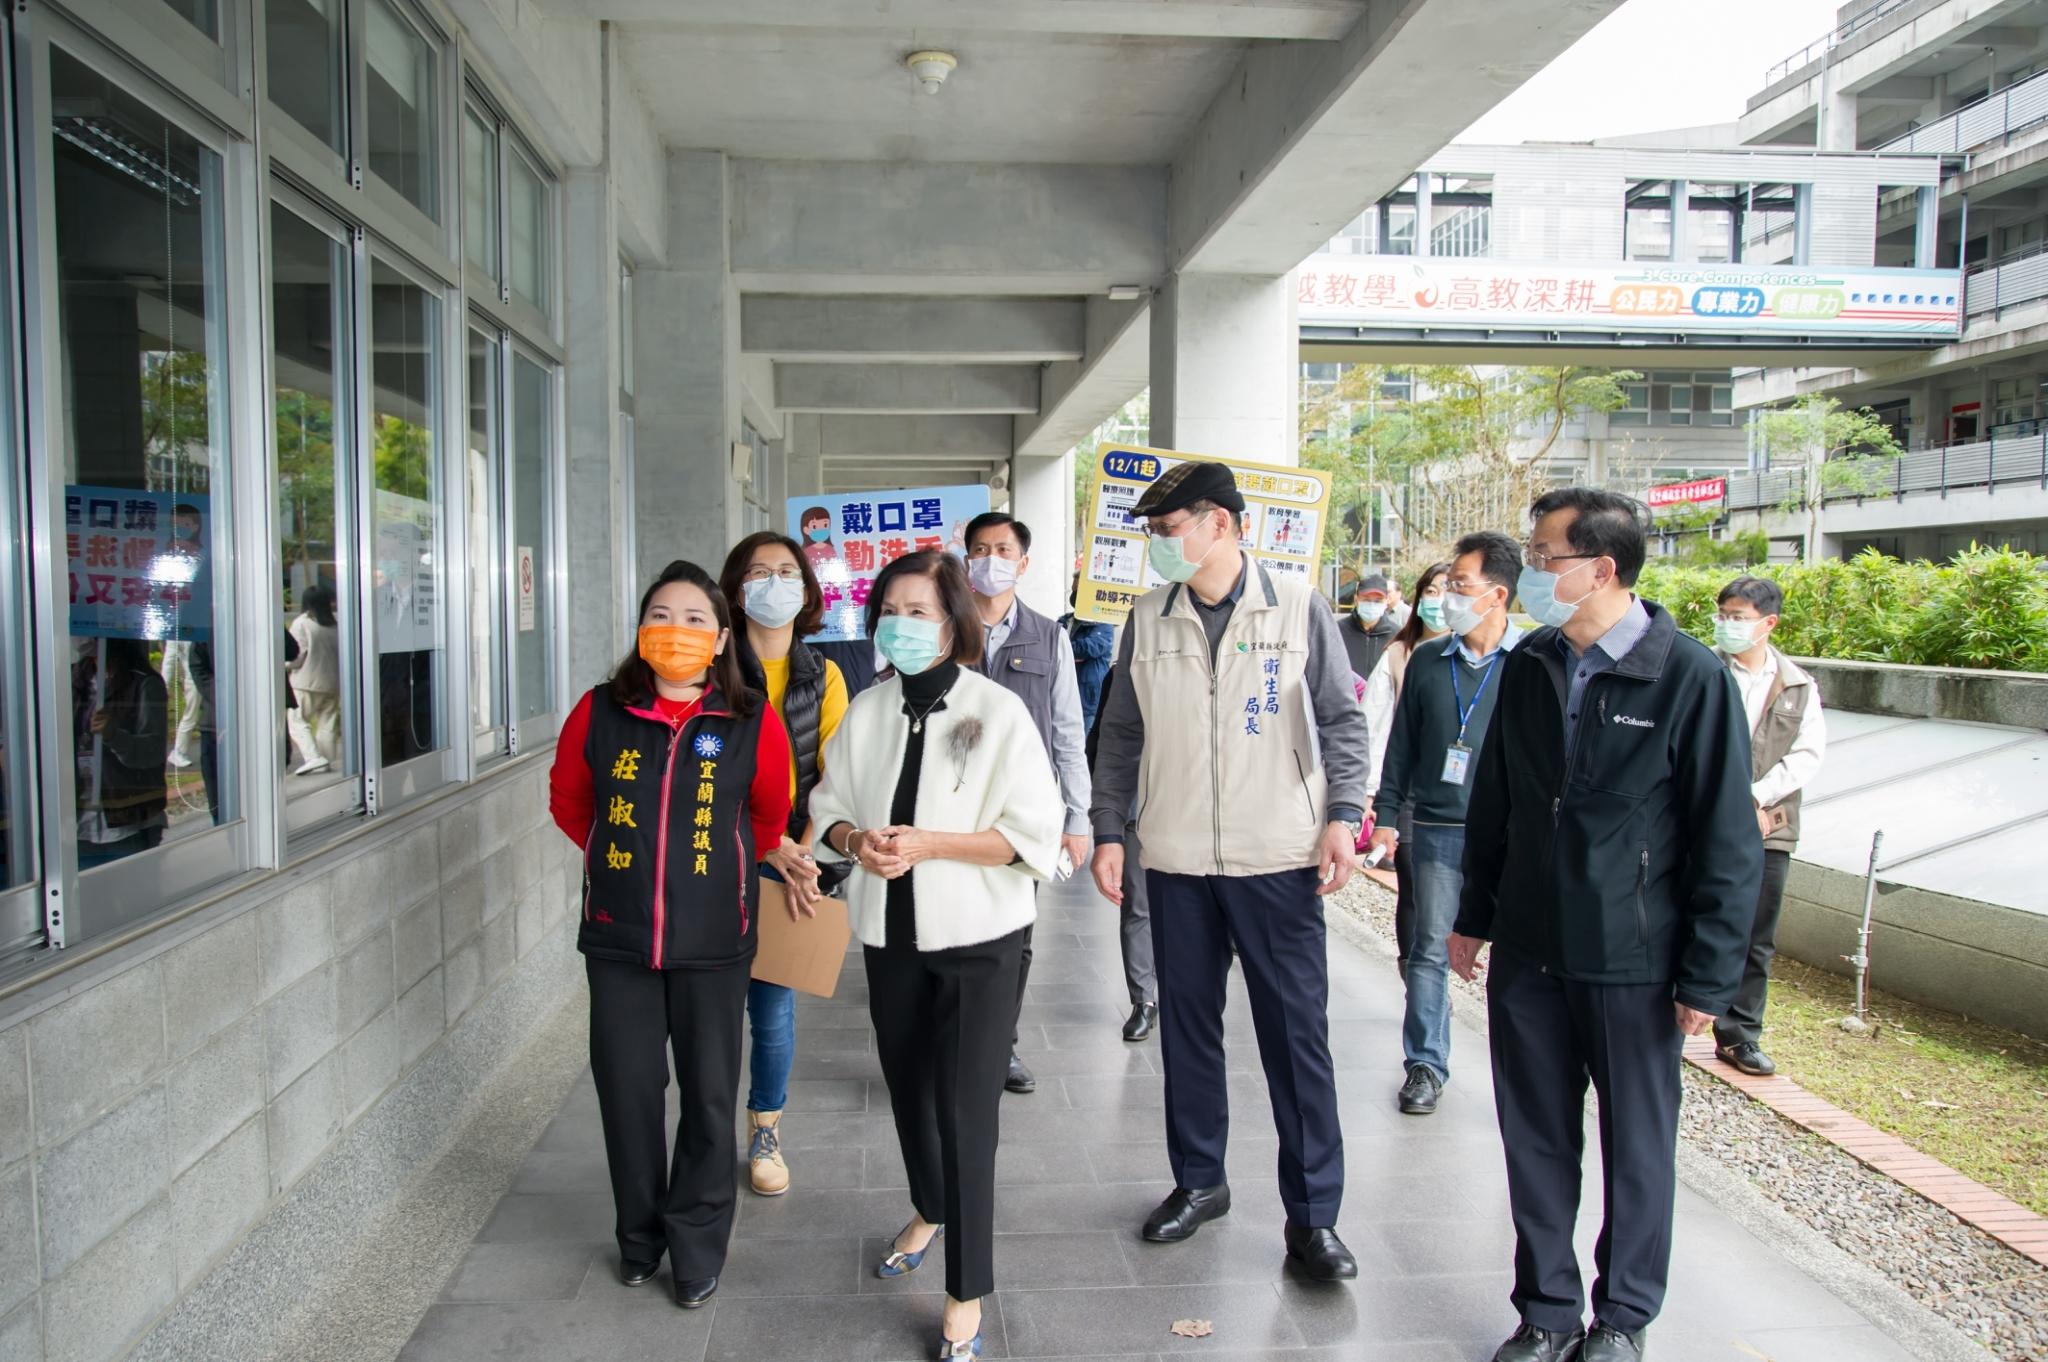 110學年度學科能力測驗22、23日登場,林縣長巡視考場。